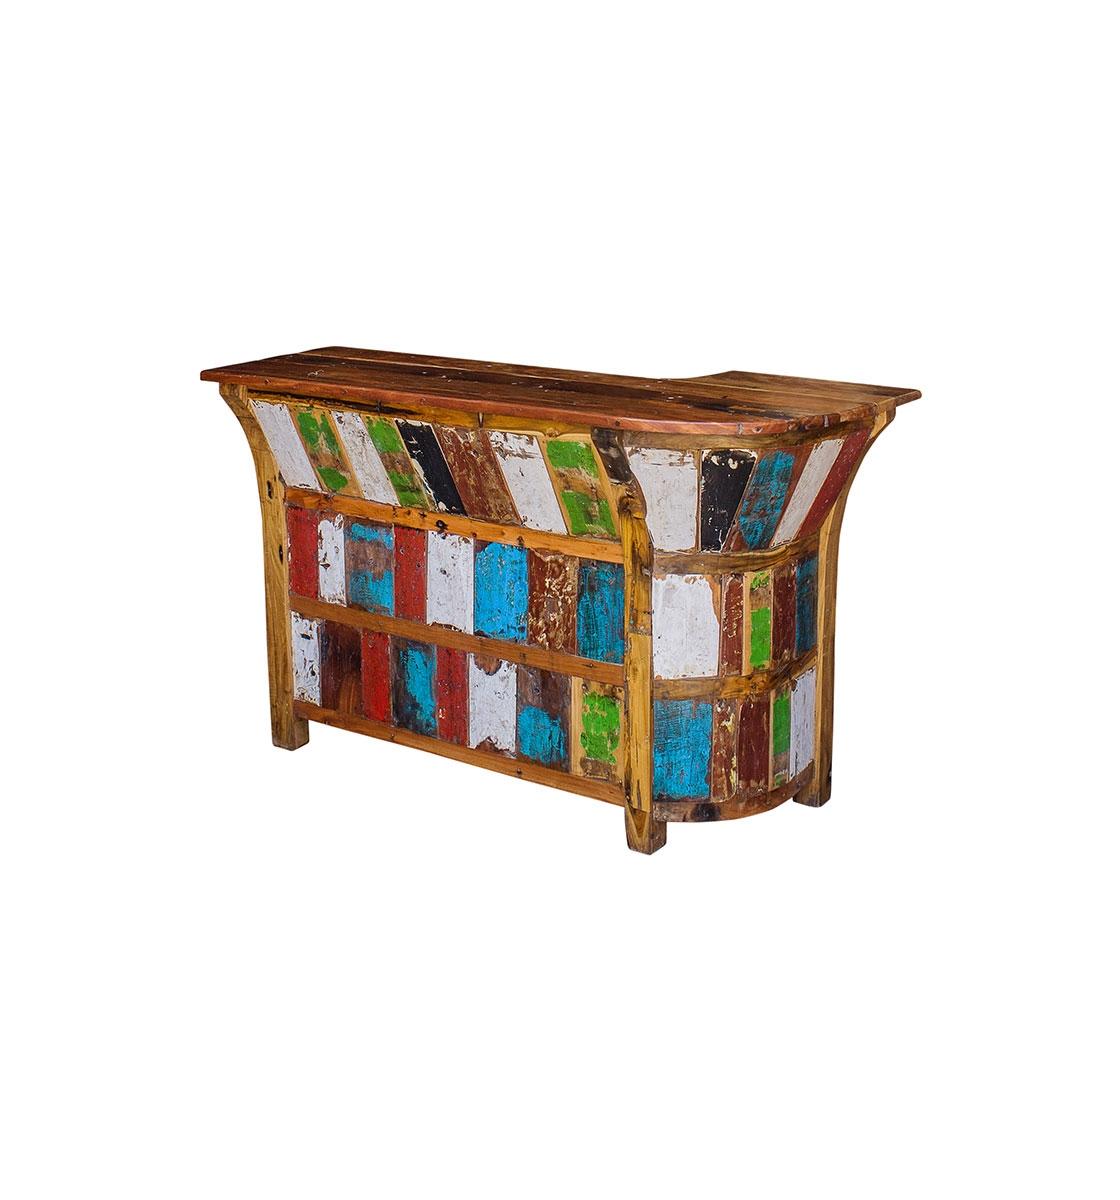 Барная стойка ФионаБарные столы<br>Барная стойка, выполненная из массива древесины старого рыбацкого судна с сохранением оригинальной многослойной окраски.<br><br>Имеет 3 полки во внутренней части бара.<br>Подходит для использования как внутри помещения, так и снаружи.<br>Сборка не требуется.<br><br>Material: Тик<br>Width см: 175<br>Depth см: 85<br>Height см: 115